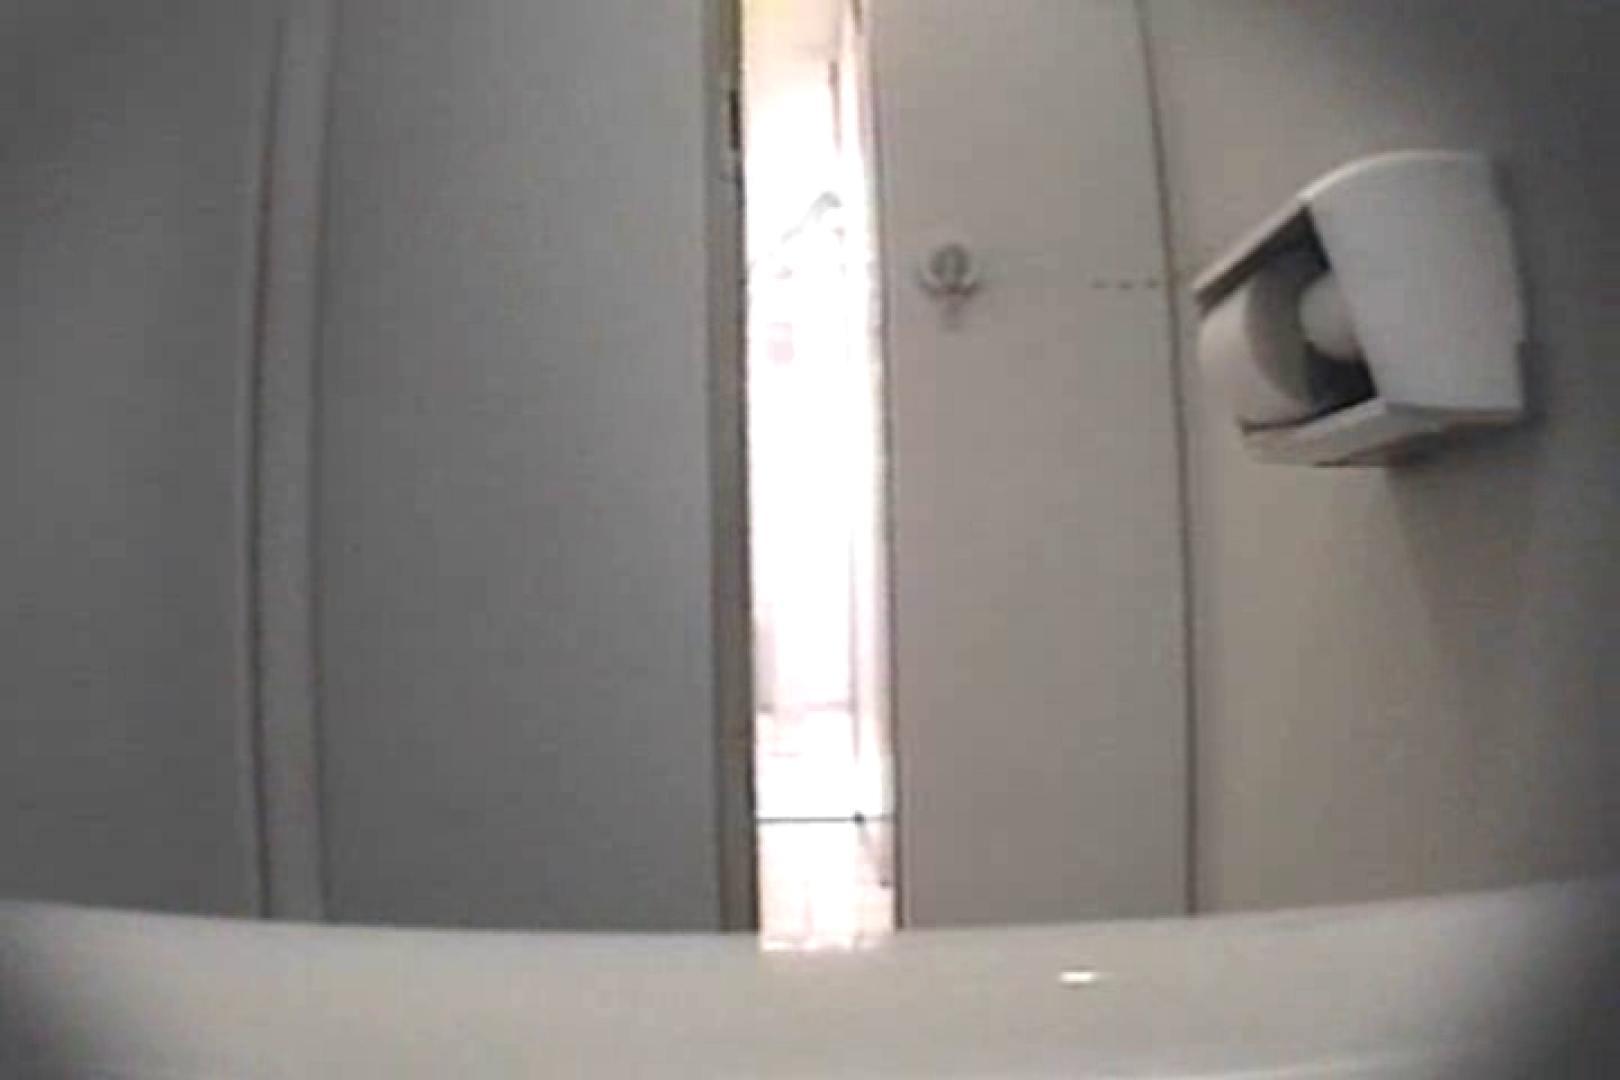 個室狂いのマニア映像Vol.4 エロティックなOL 盗撮画像 61画像 53